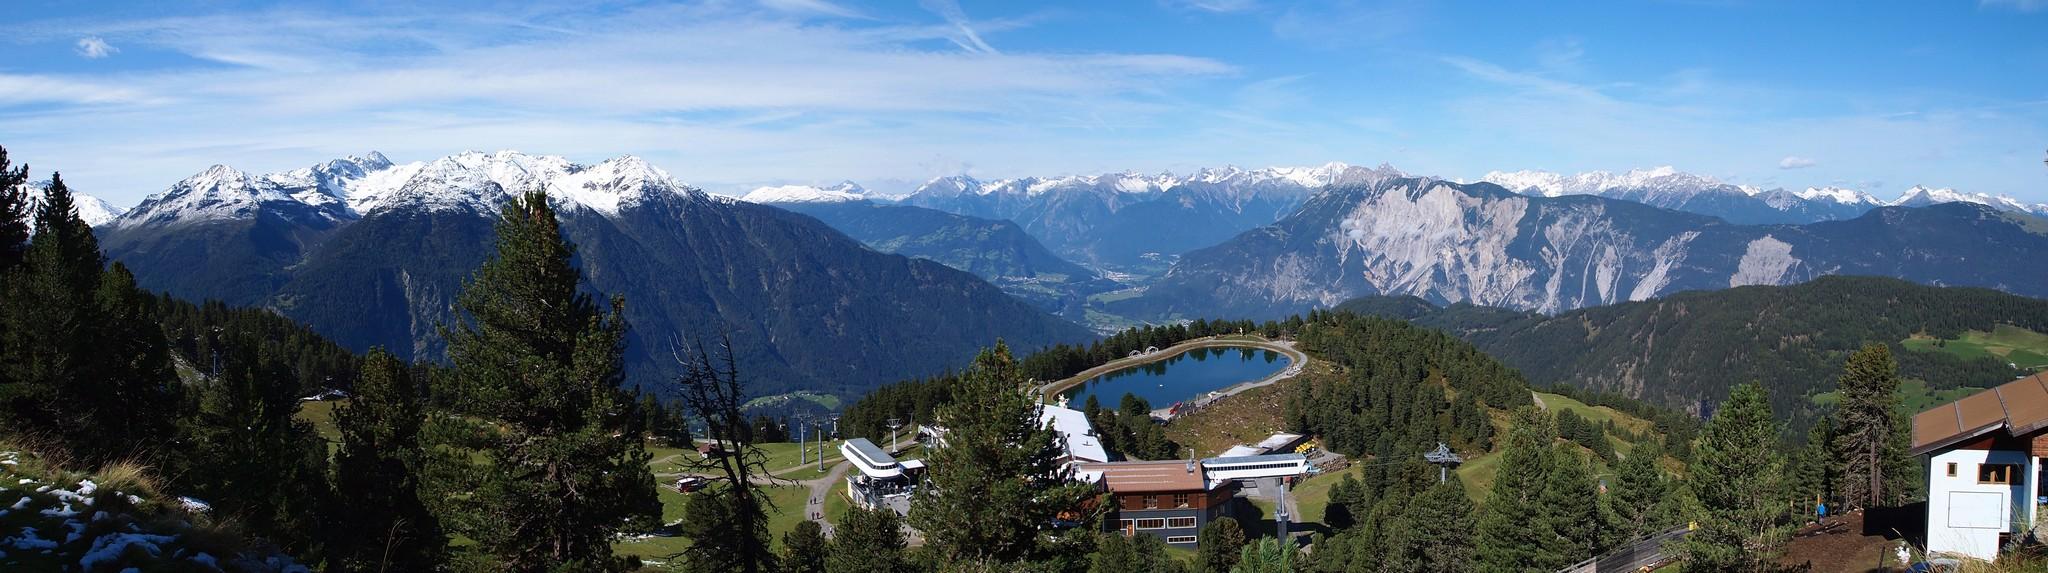 P9049169 Panorama.jpg